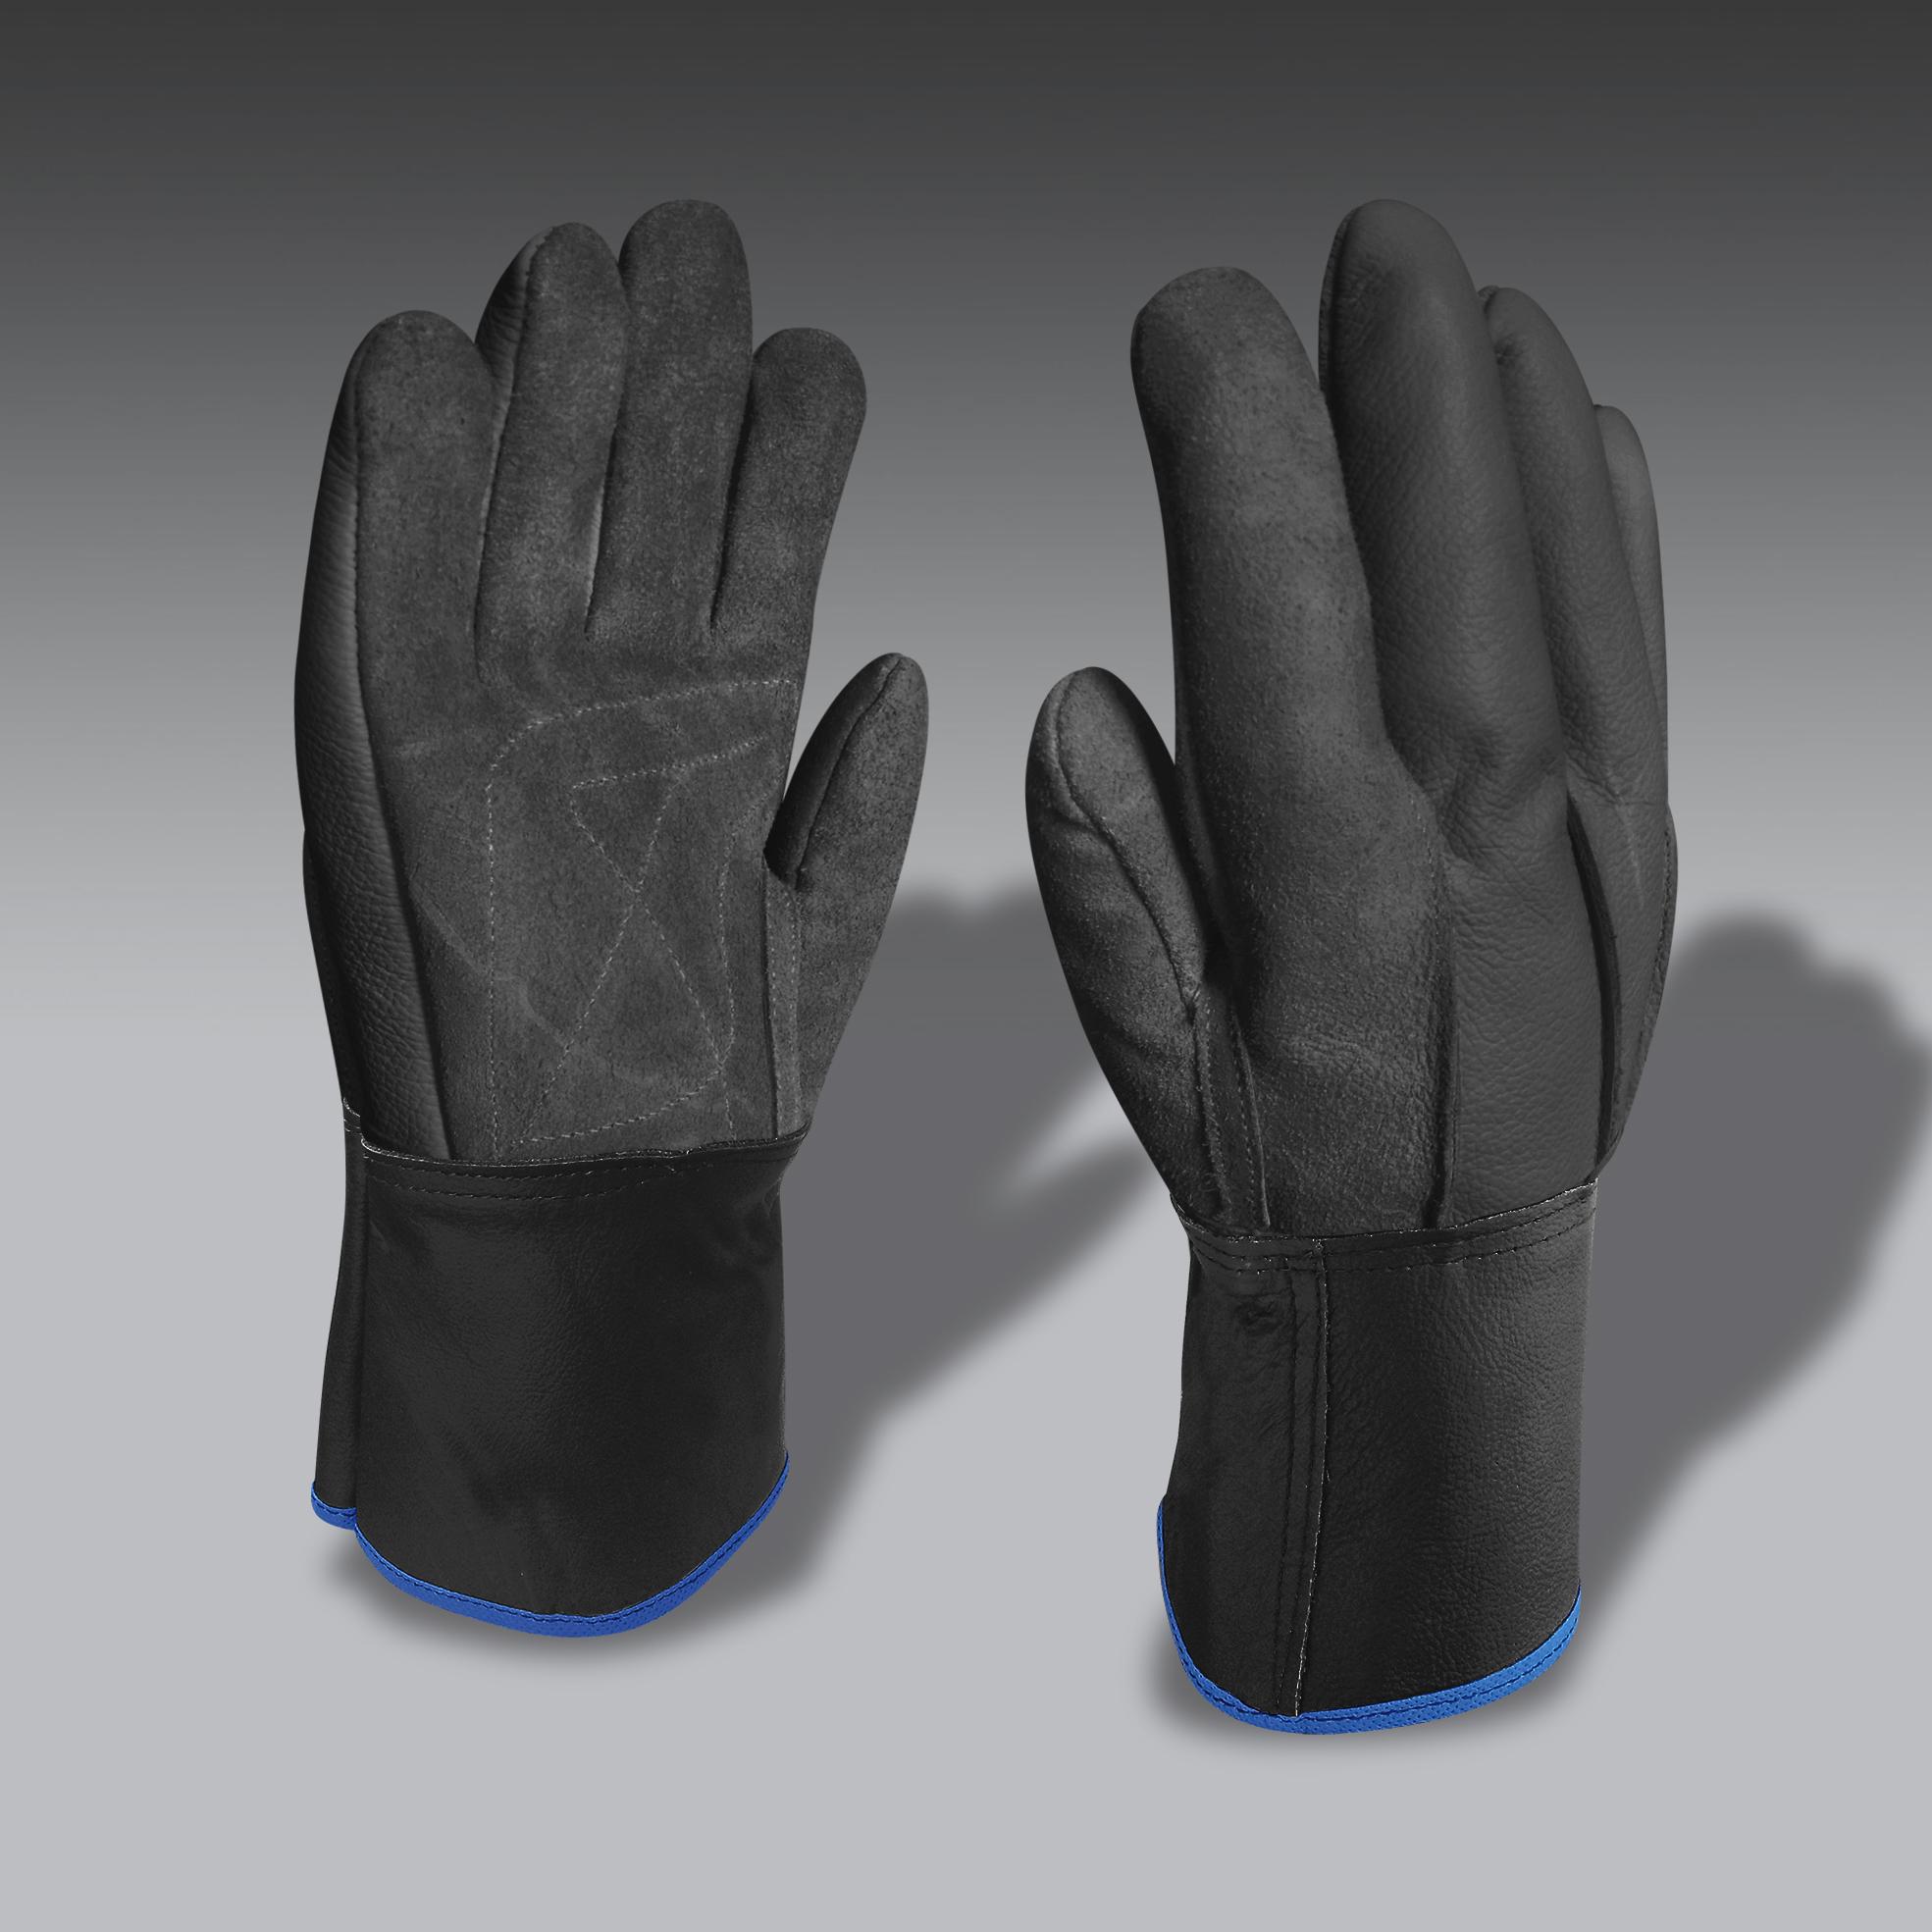 guantes para la seguridad industrial modelo CarEco 04 guantes de seguridad industrial modelo CarEco 04